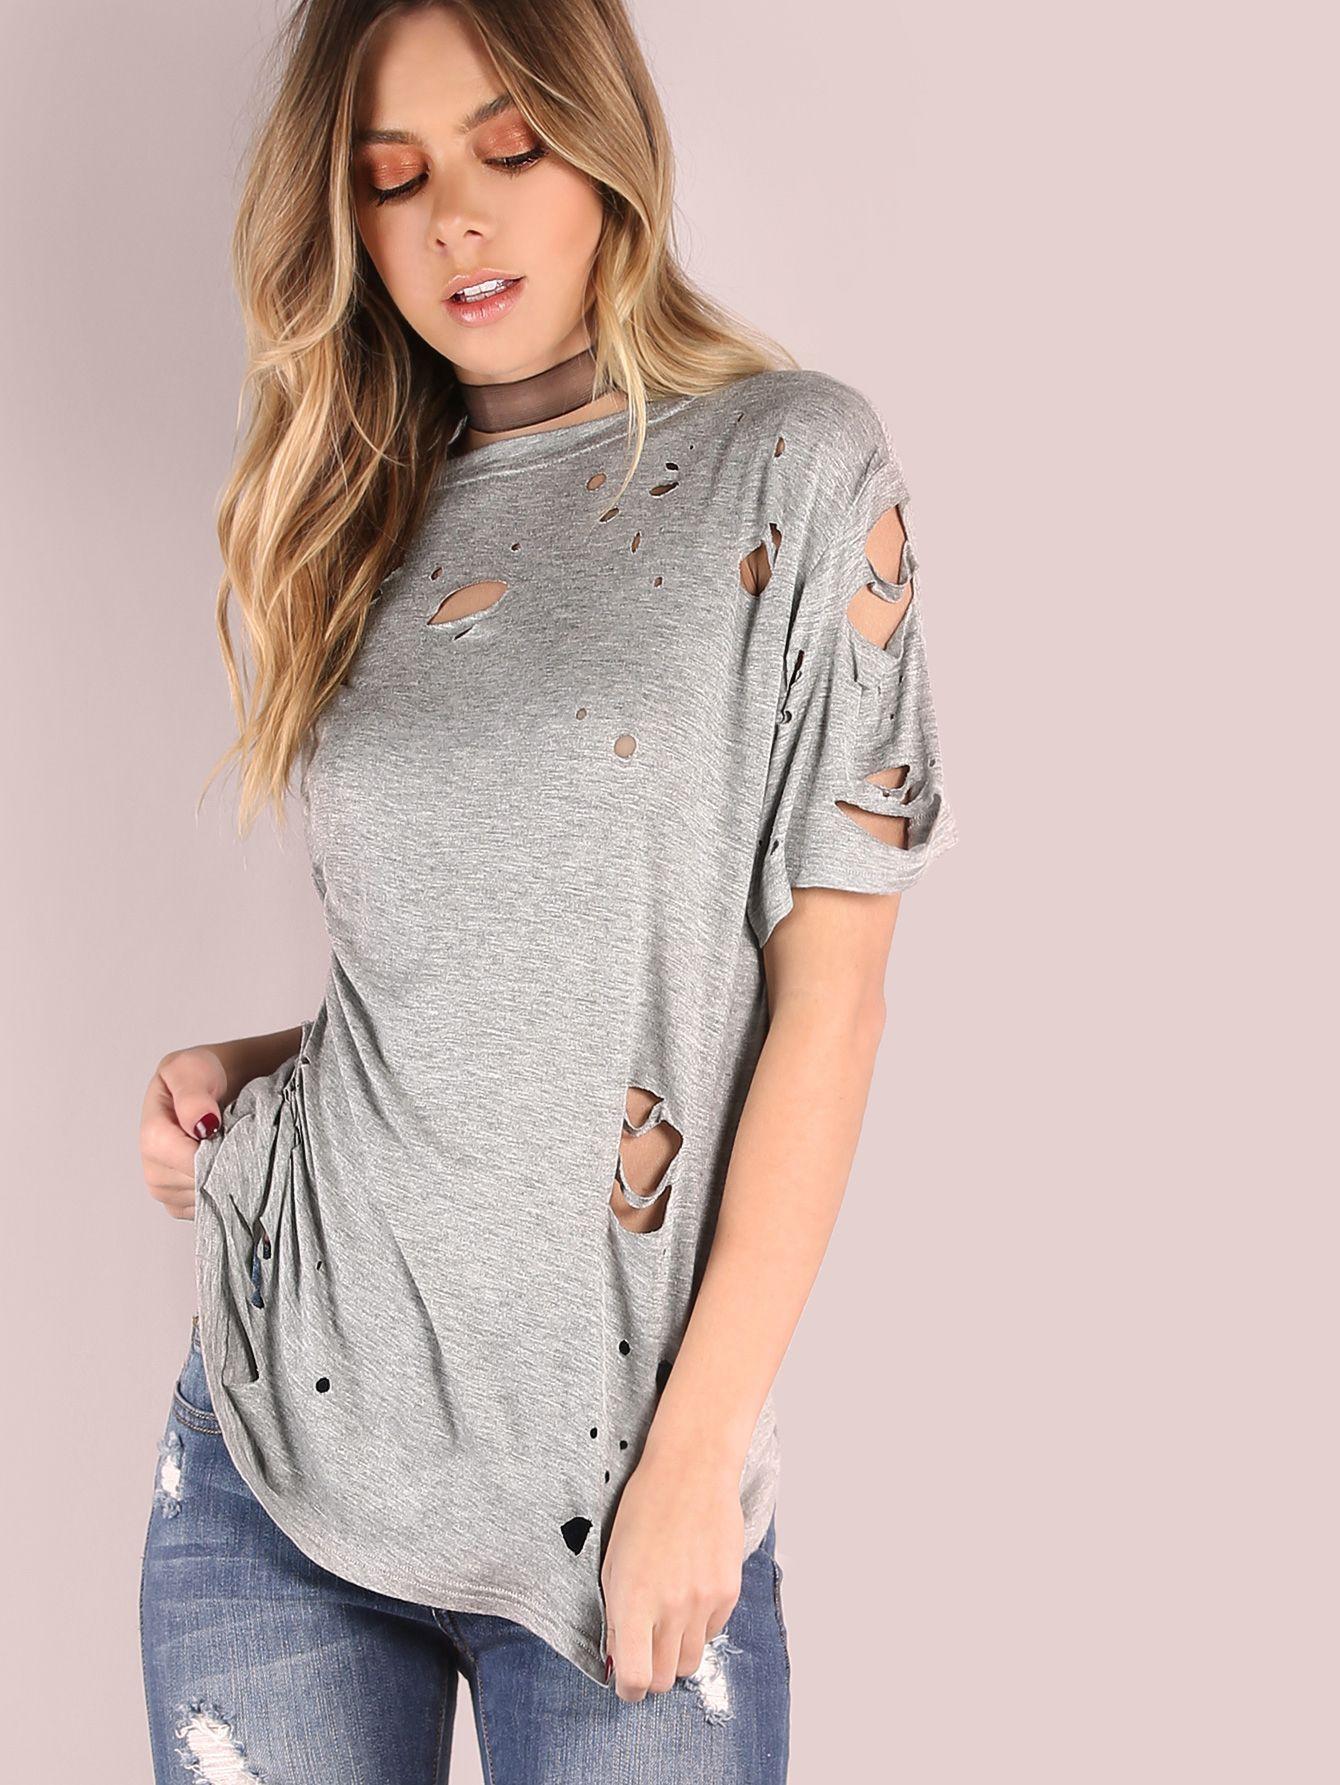 ff5f661517 Heather Grey Short Sleeve Distressed T-shirt -SheIn(Sheinside ...